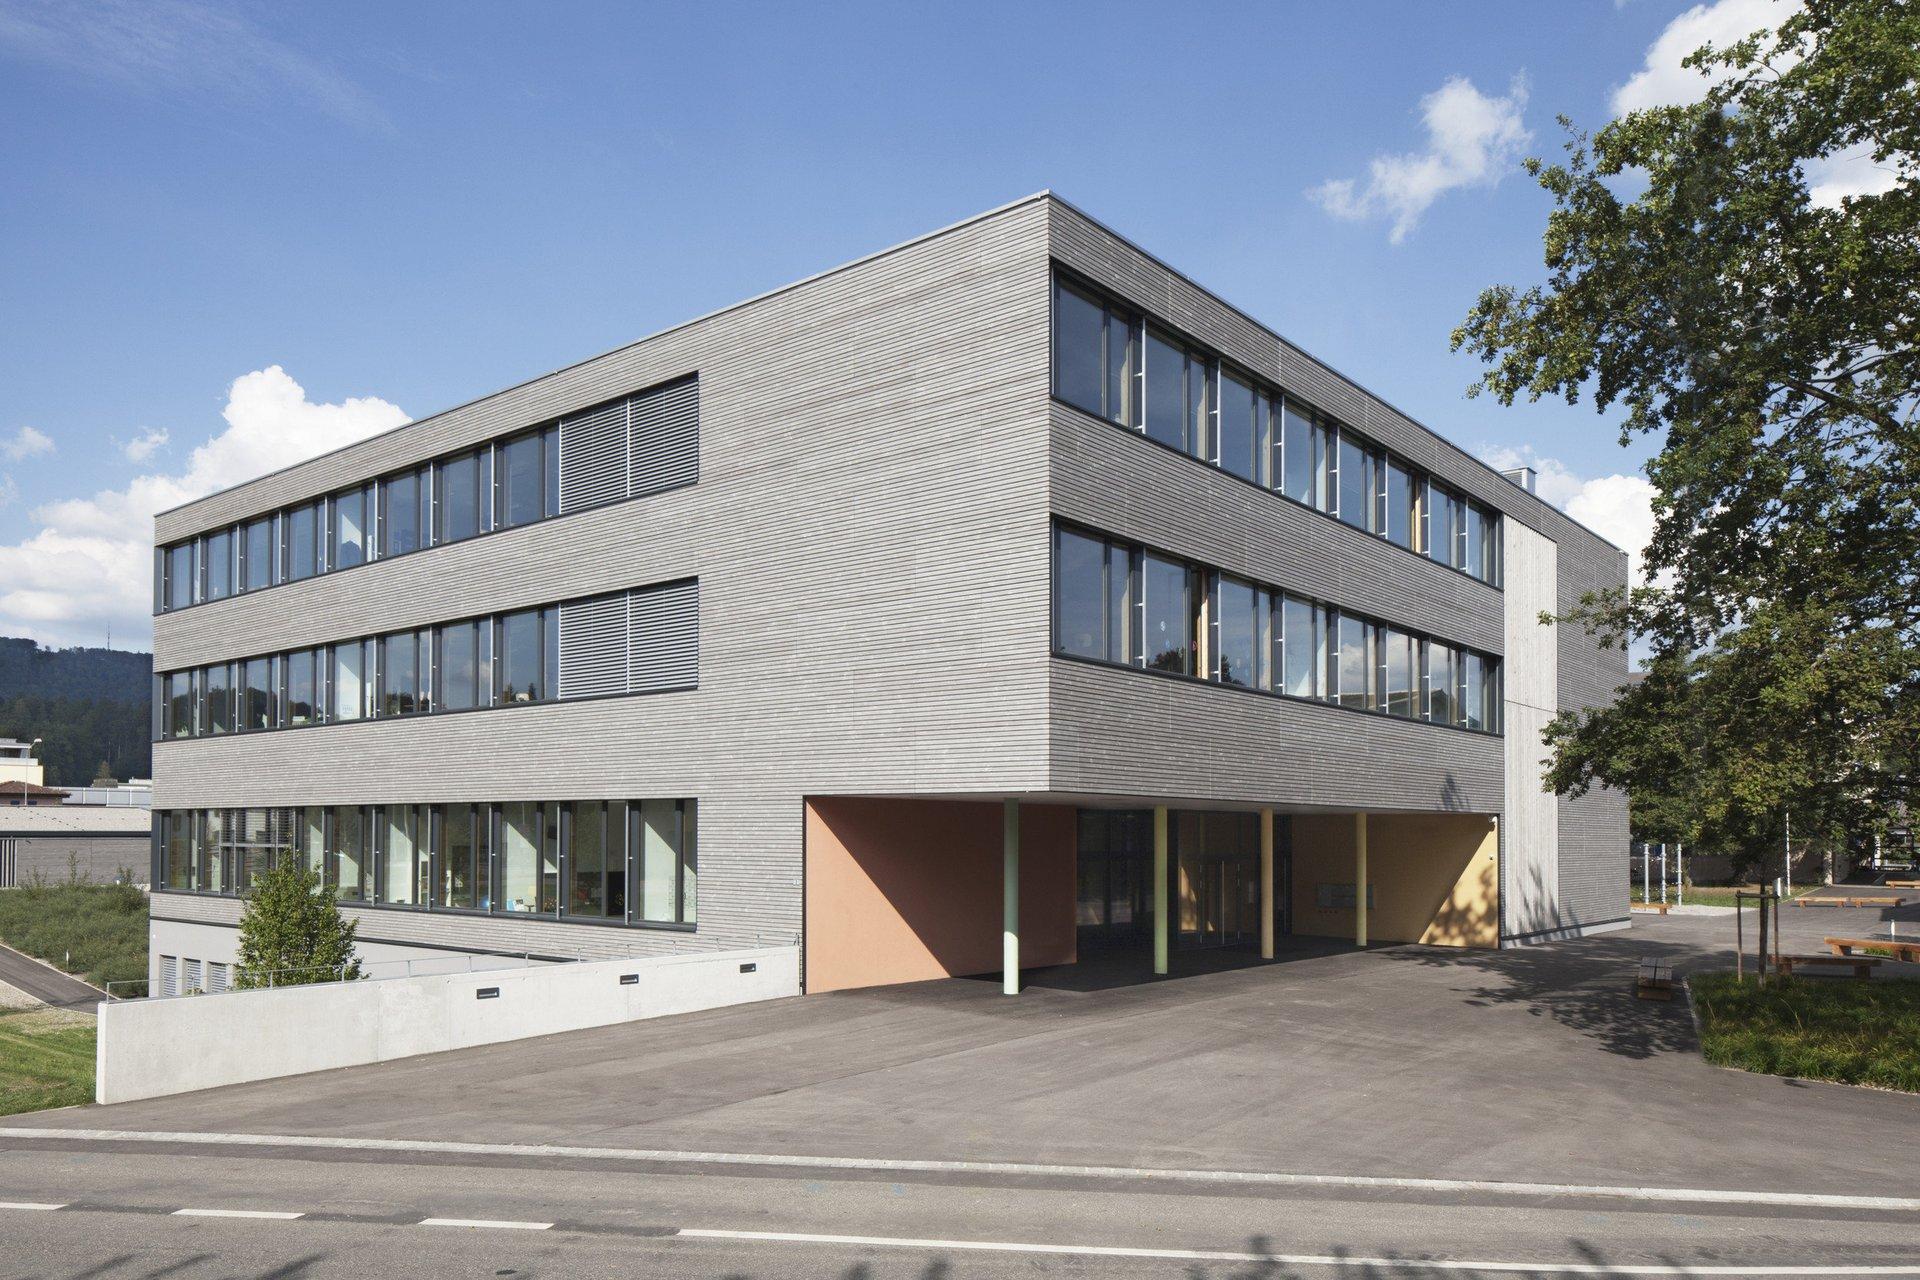 Bâtiment scolaire de 4 étages avec entrée couverte